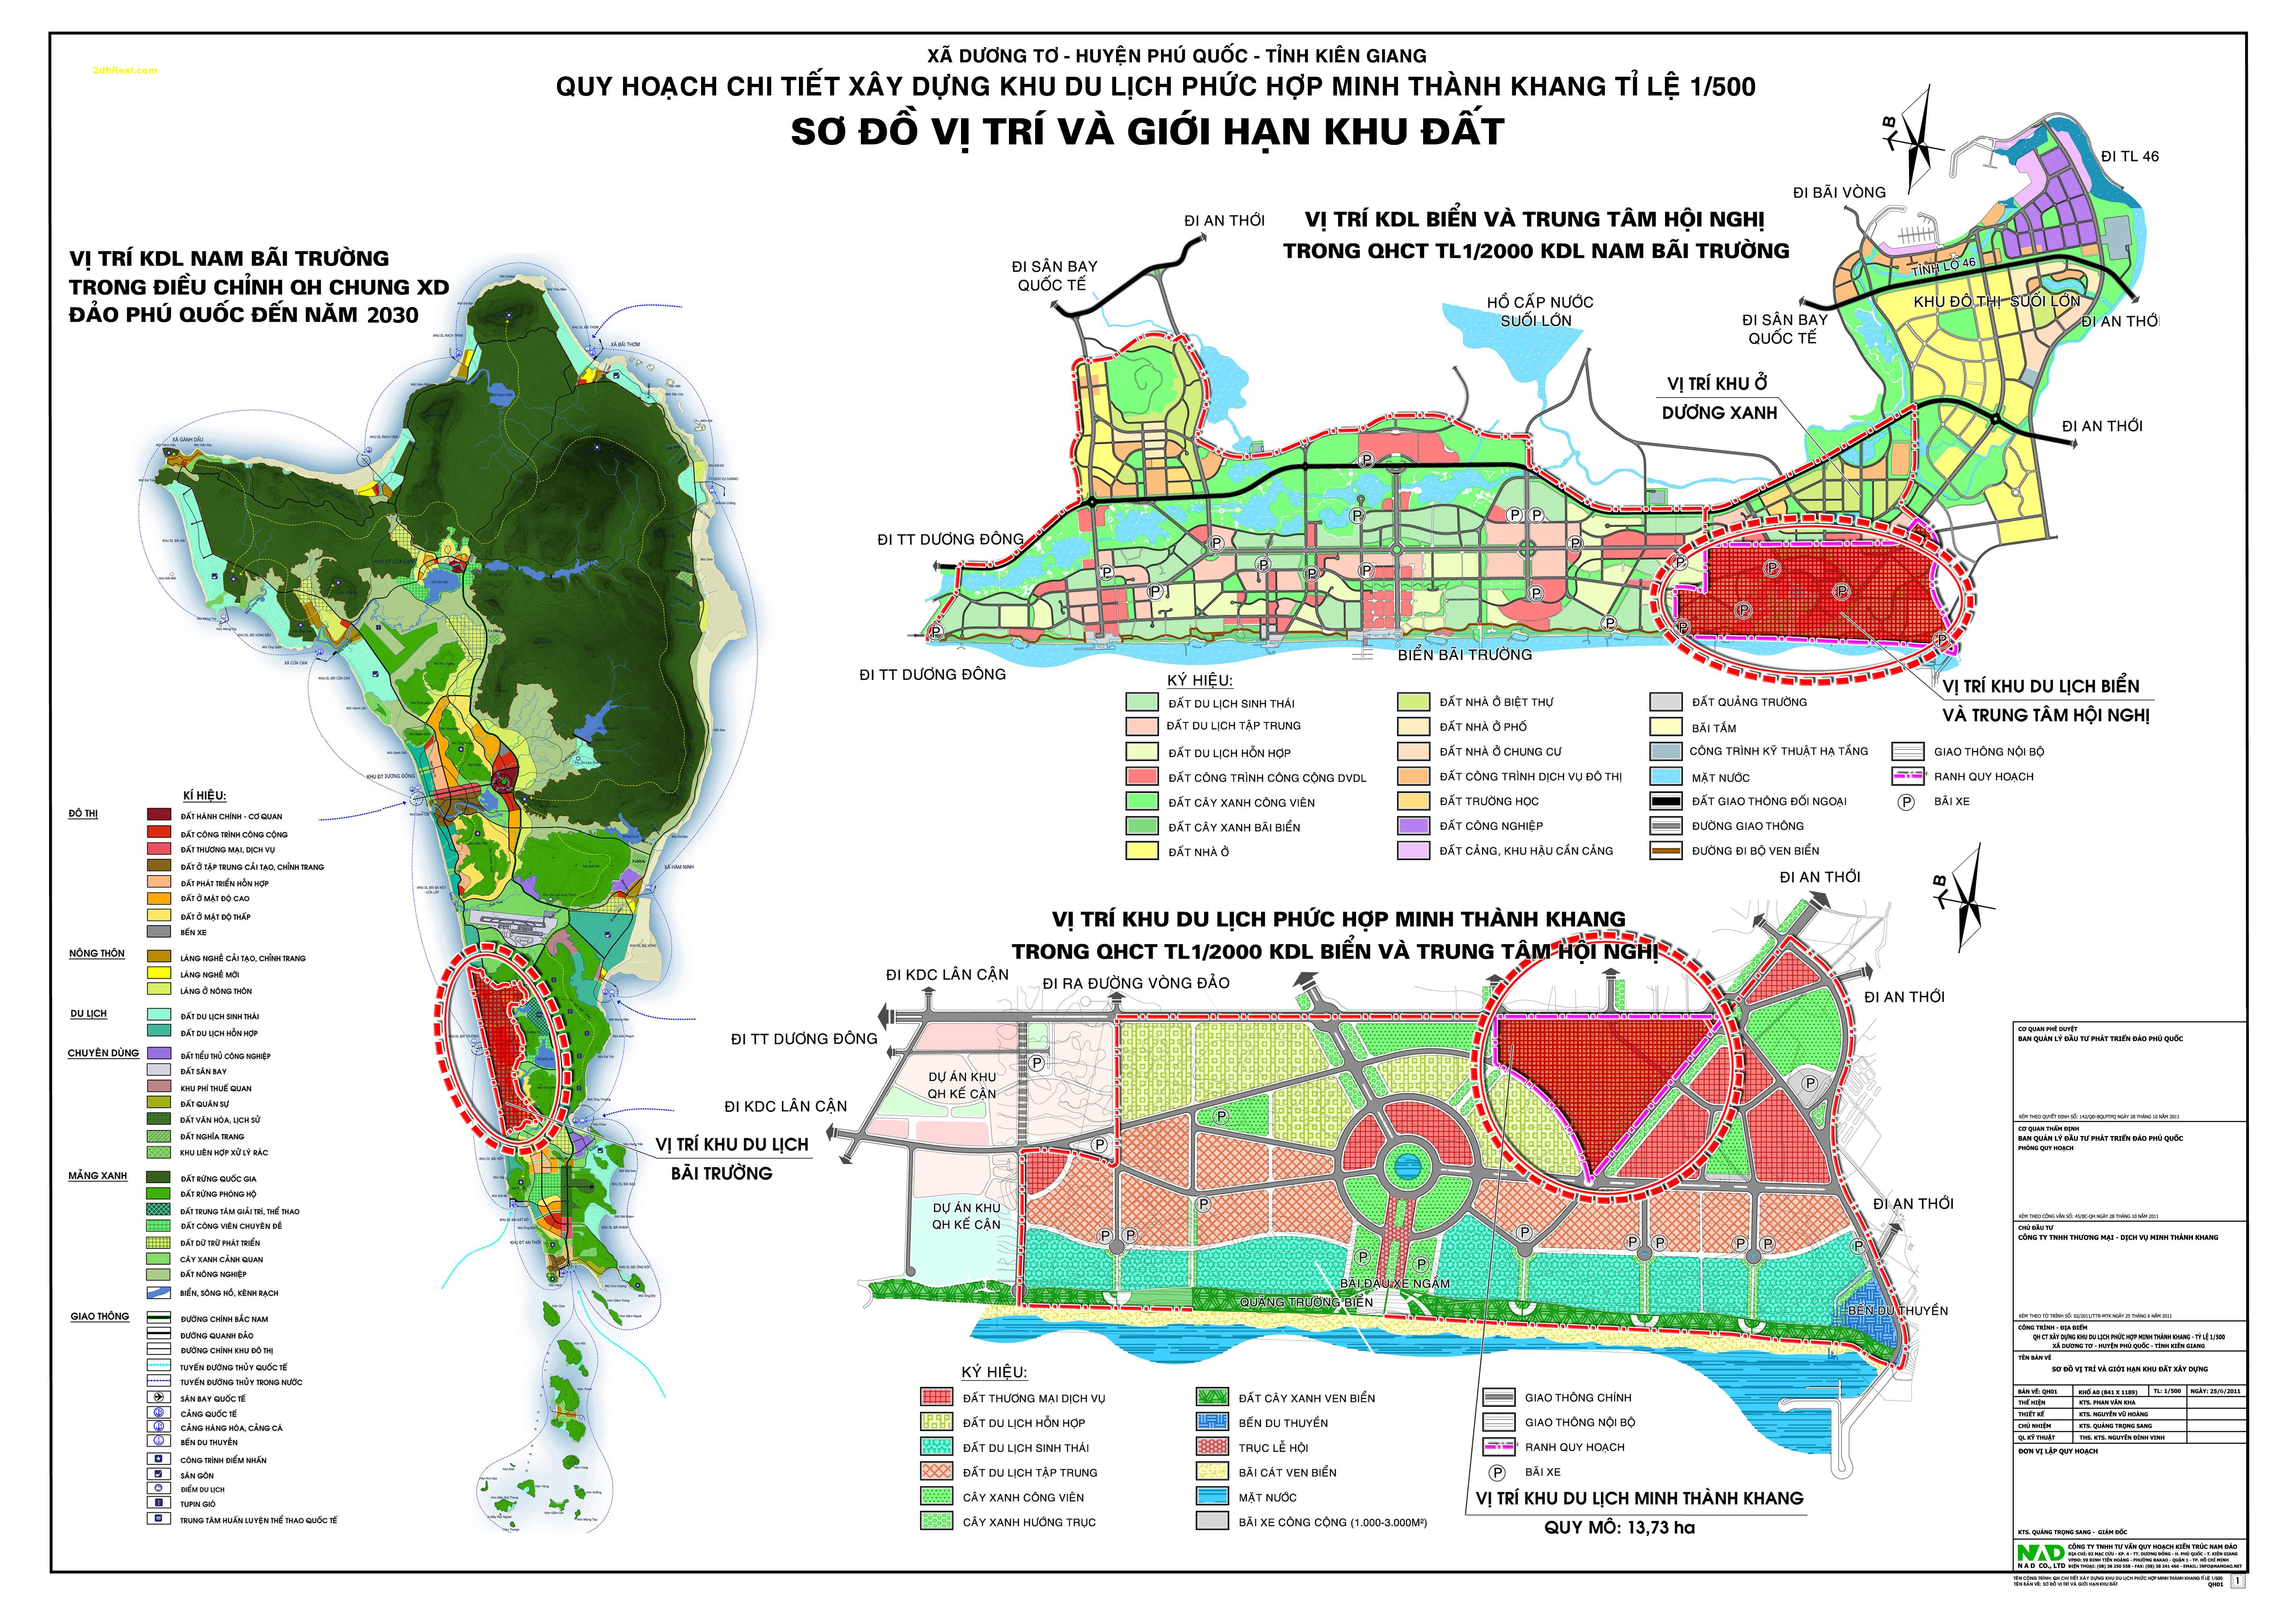 Bán dự án 13,73 hecta khu du lịch nghỉ dưỡng 5 sao tại khu phức hợp Bãi Trường, xã Dương Tơ, huyện Phú Quốc, tỉnh Kiên Giang